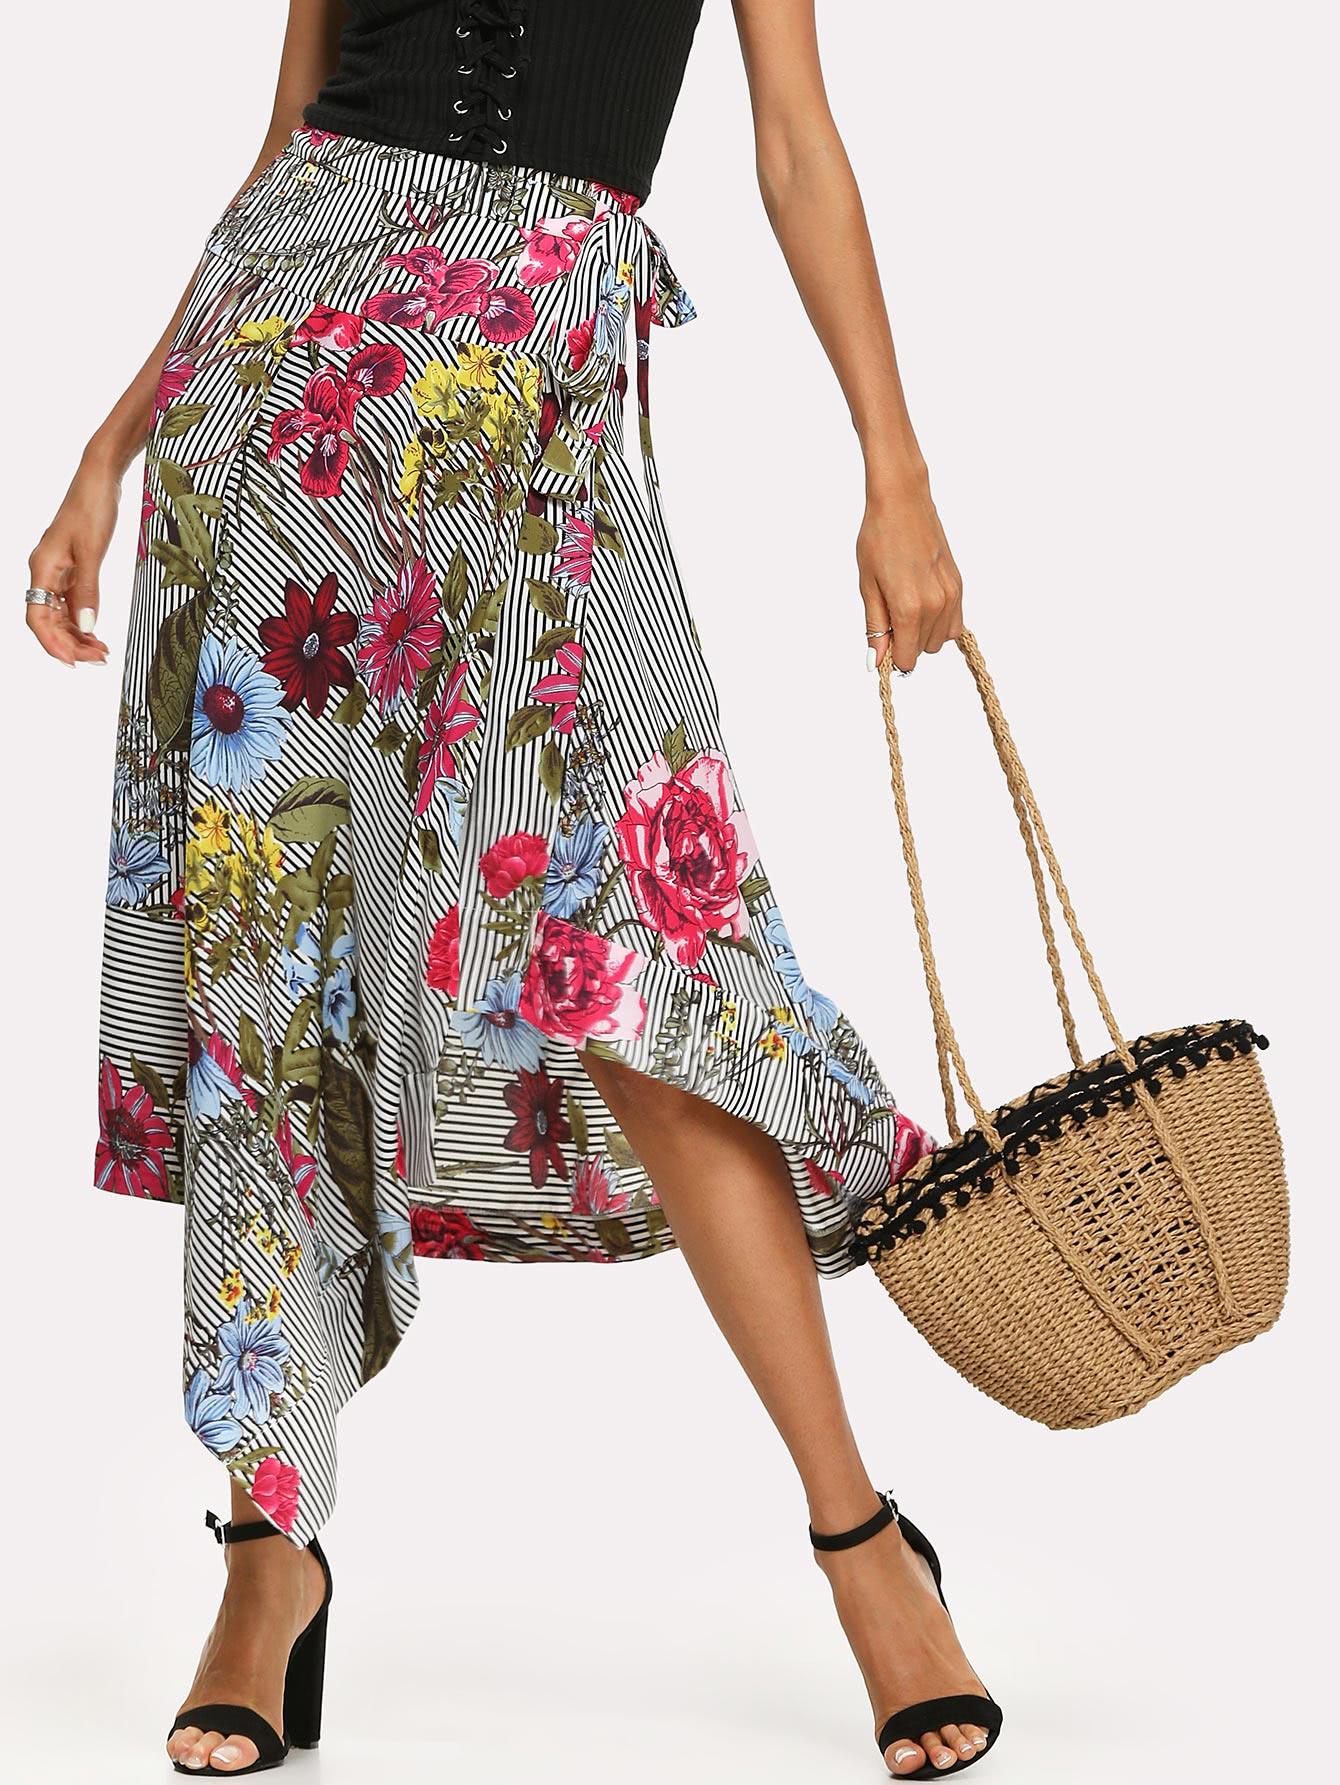 Flower Print Asymmetrical Tie Waist Skirt flower print tie waist shirt dress